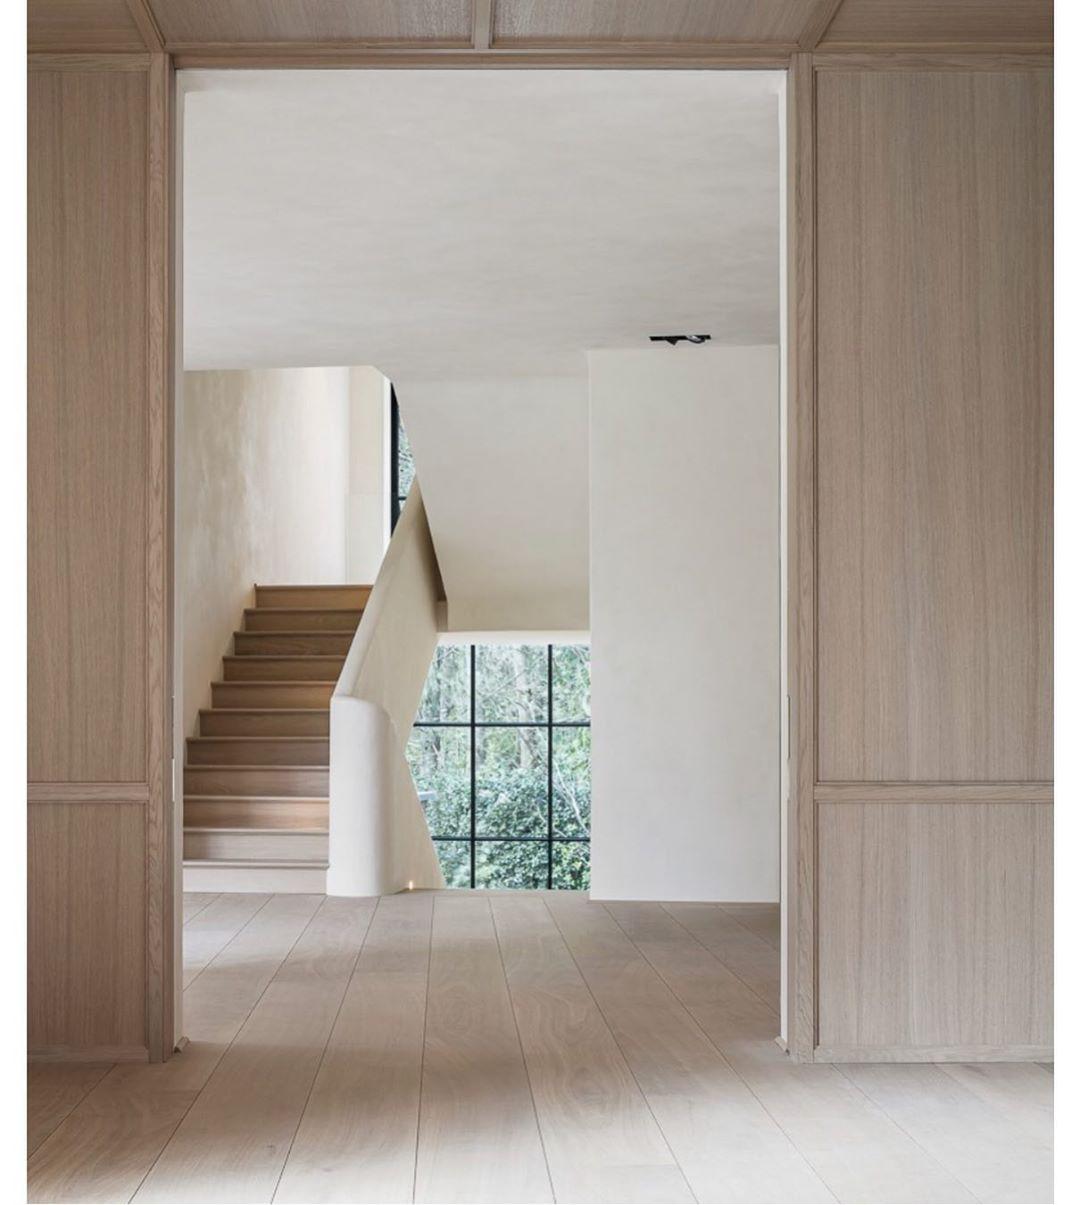 haven-studios_nathaliedeboel_minimal-modern.jpg